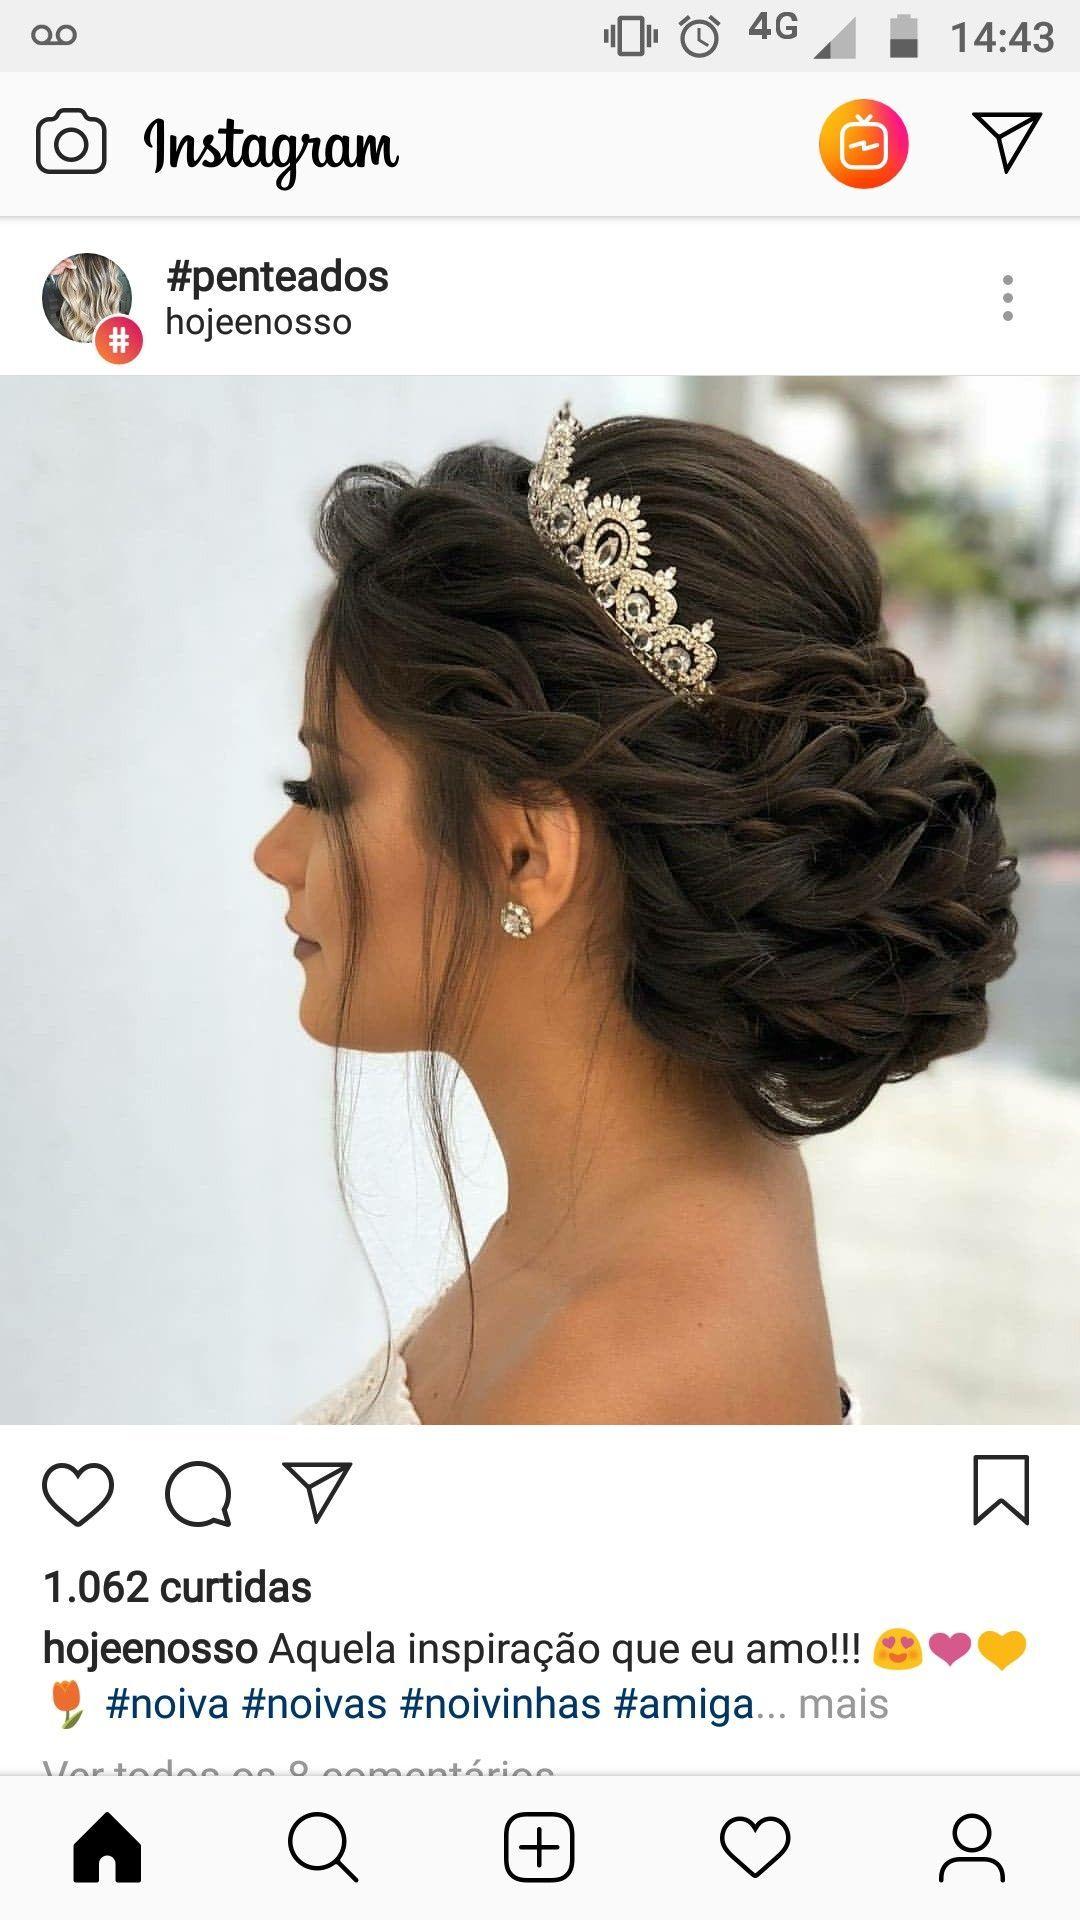 – penteados #frisur #frisuren #haar #hochzeitsfrisuren #hochzeitfrisur